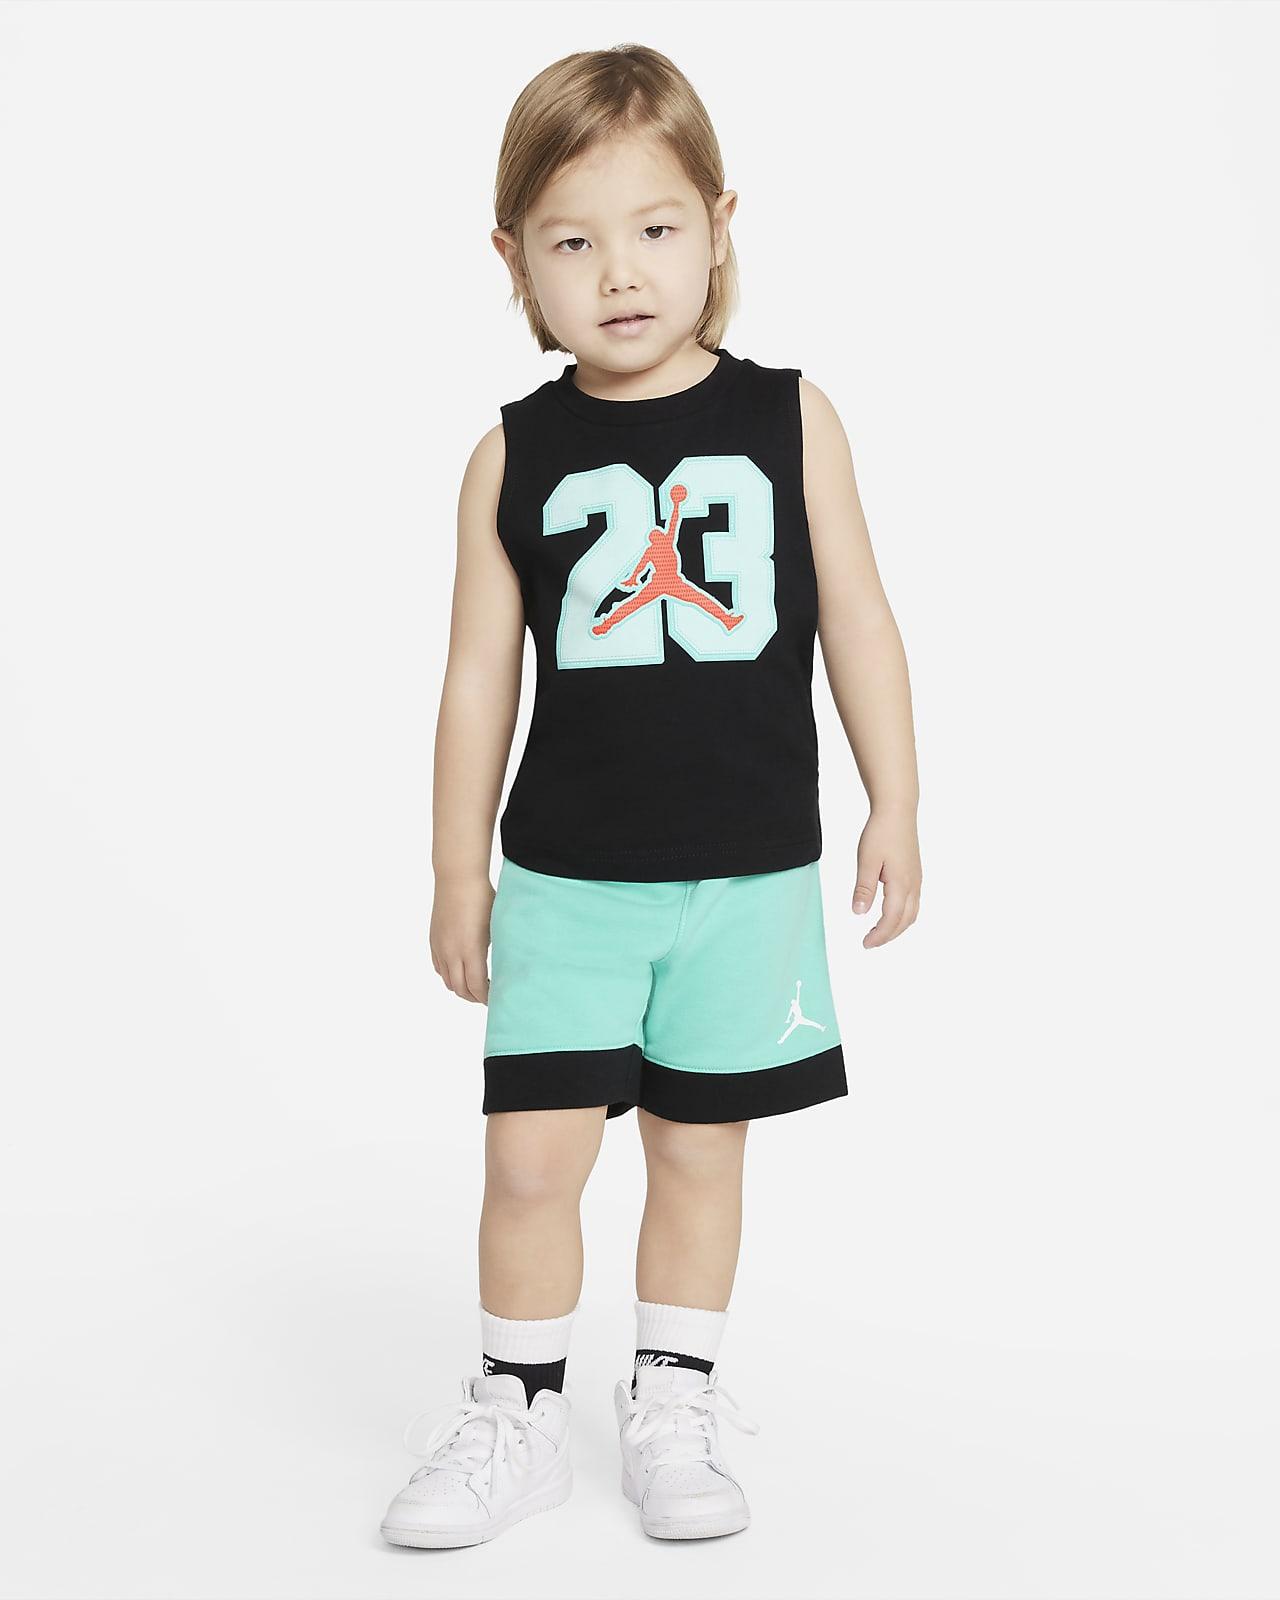 Jordan Toddler Tank Top and Shorts Set